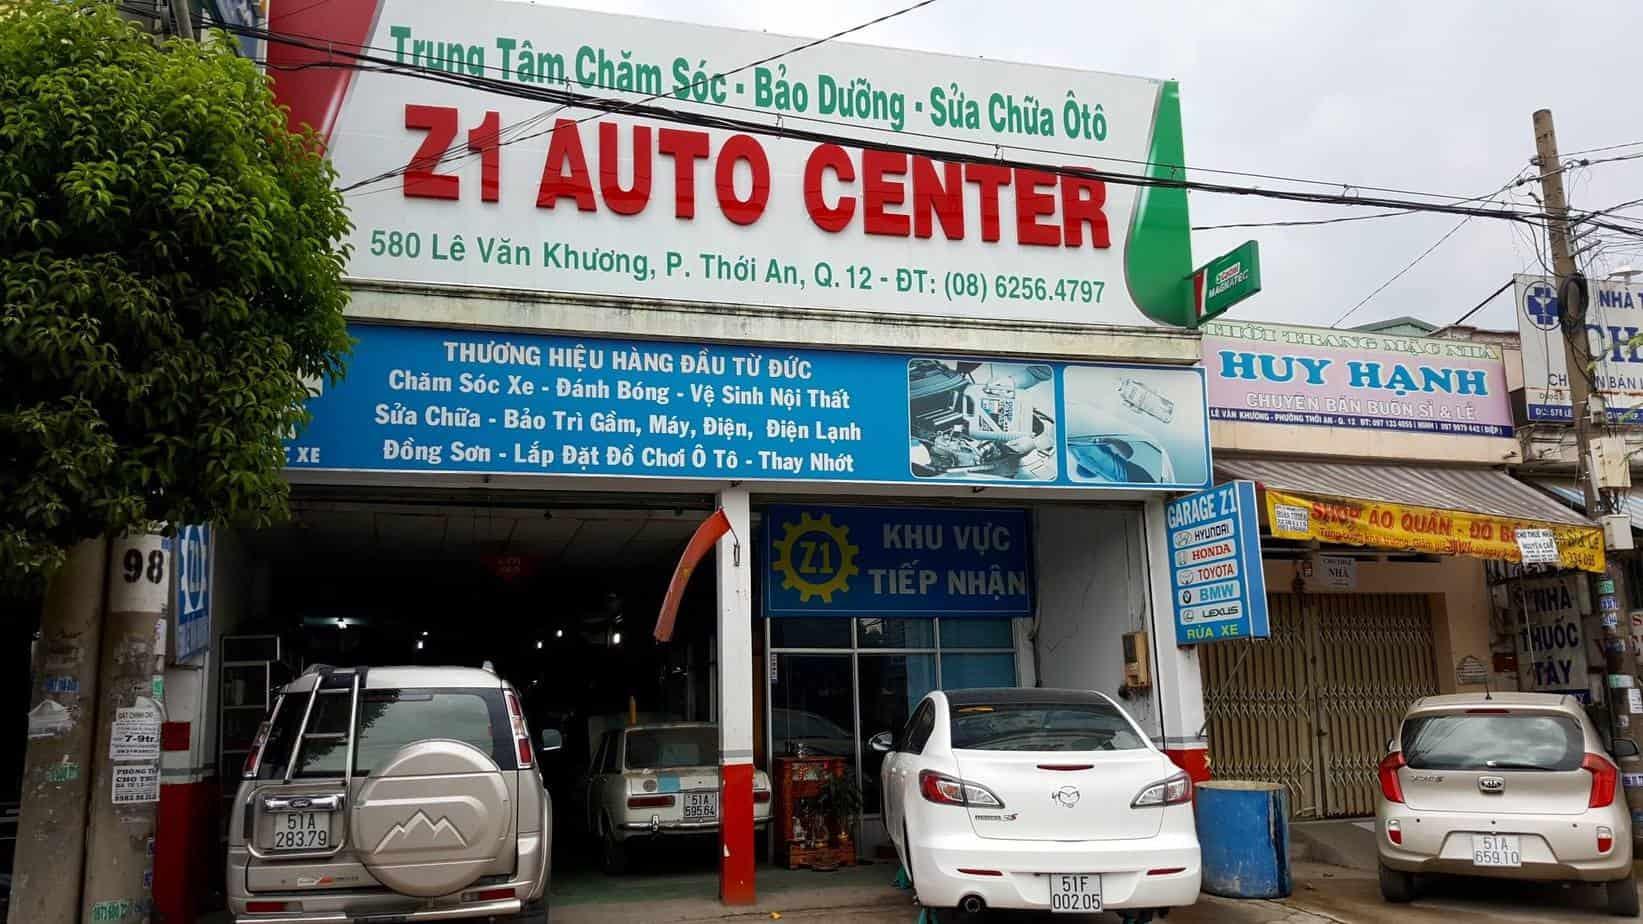 Top 8 Gara Chuyên Thay Nội Thất Ô Tô Ở HCM - gara chuyên thay nội thất ô tô ở hcm - AKAuto Sài Gòn   Ánh Dương Detailing & Accessories   Car VN 39